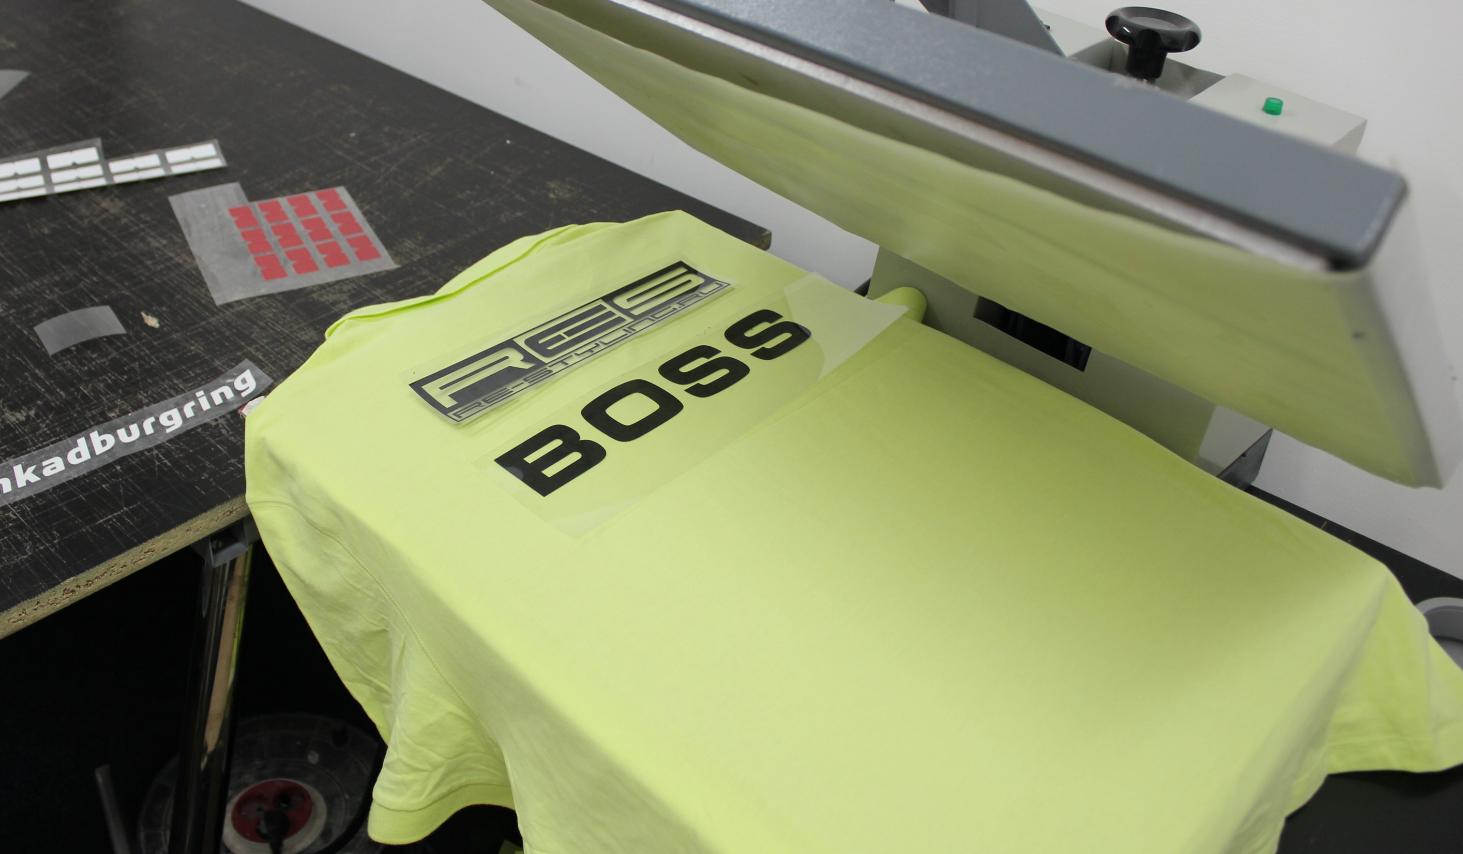 як організувати бізнес по друку зображень на футболках